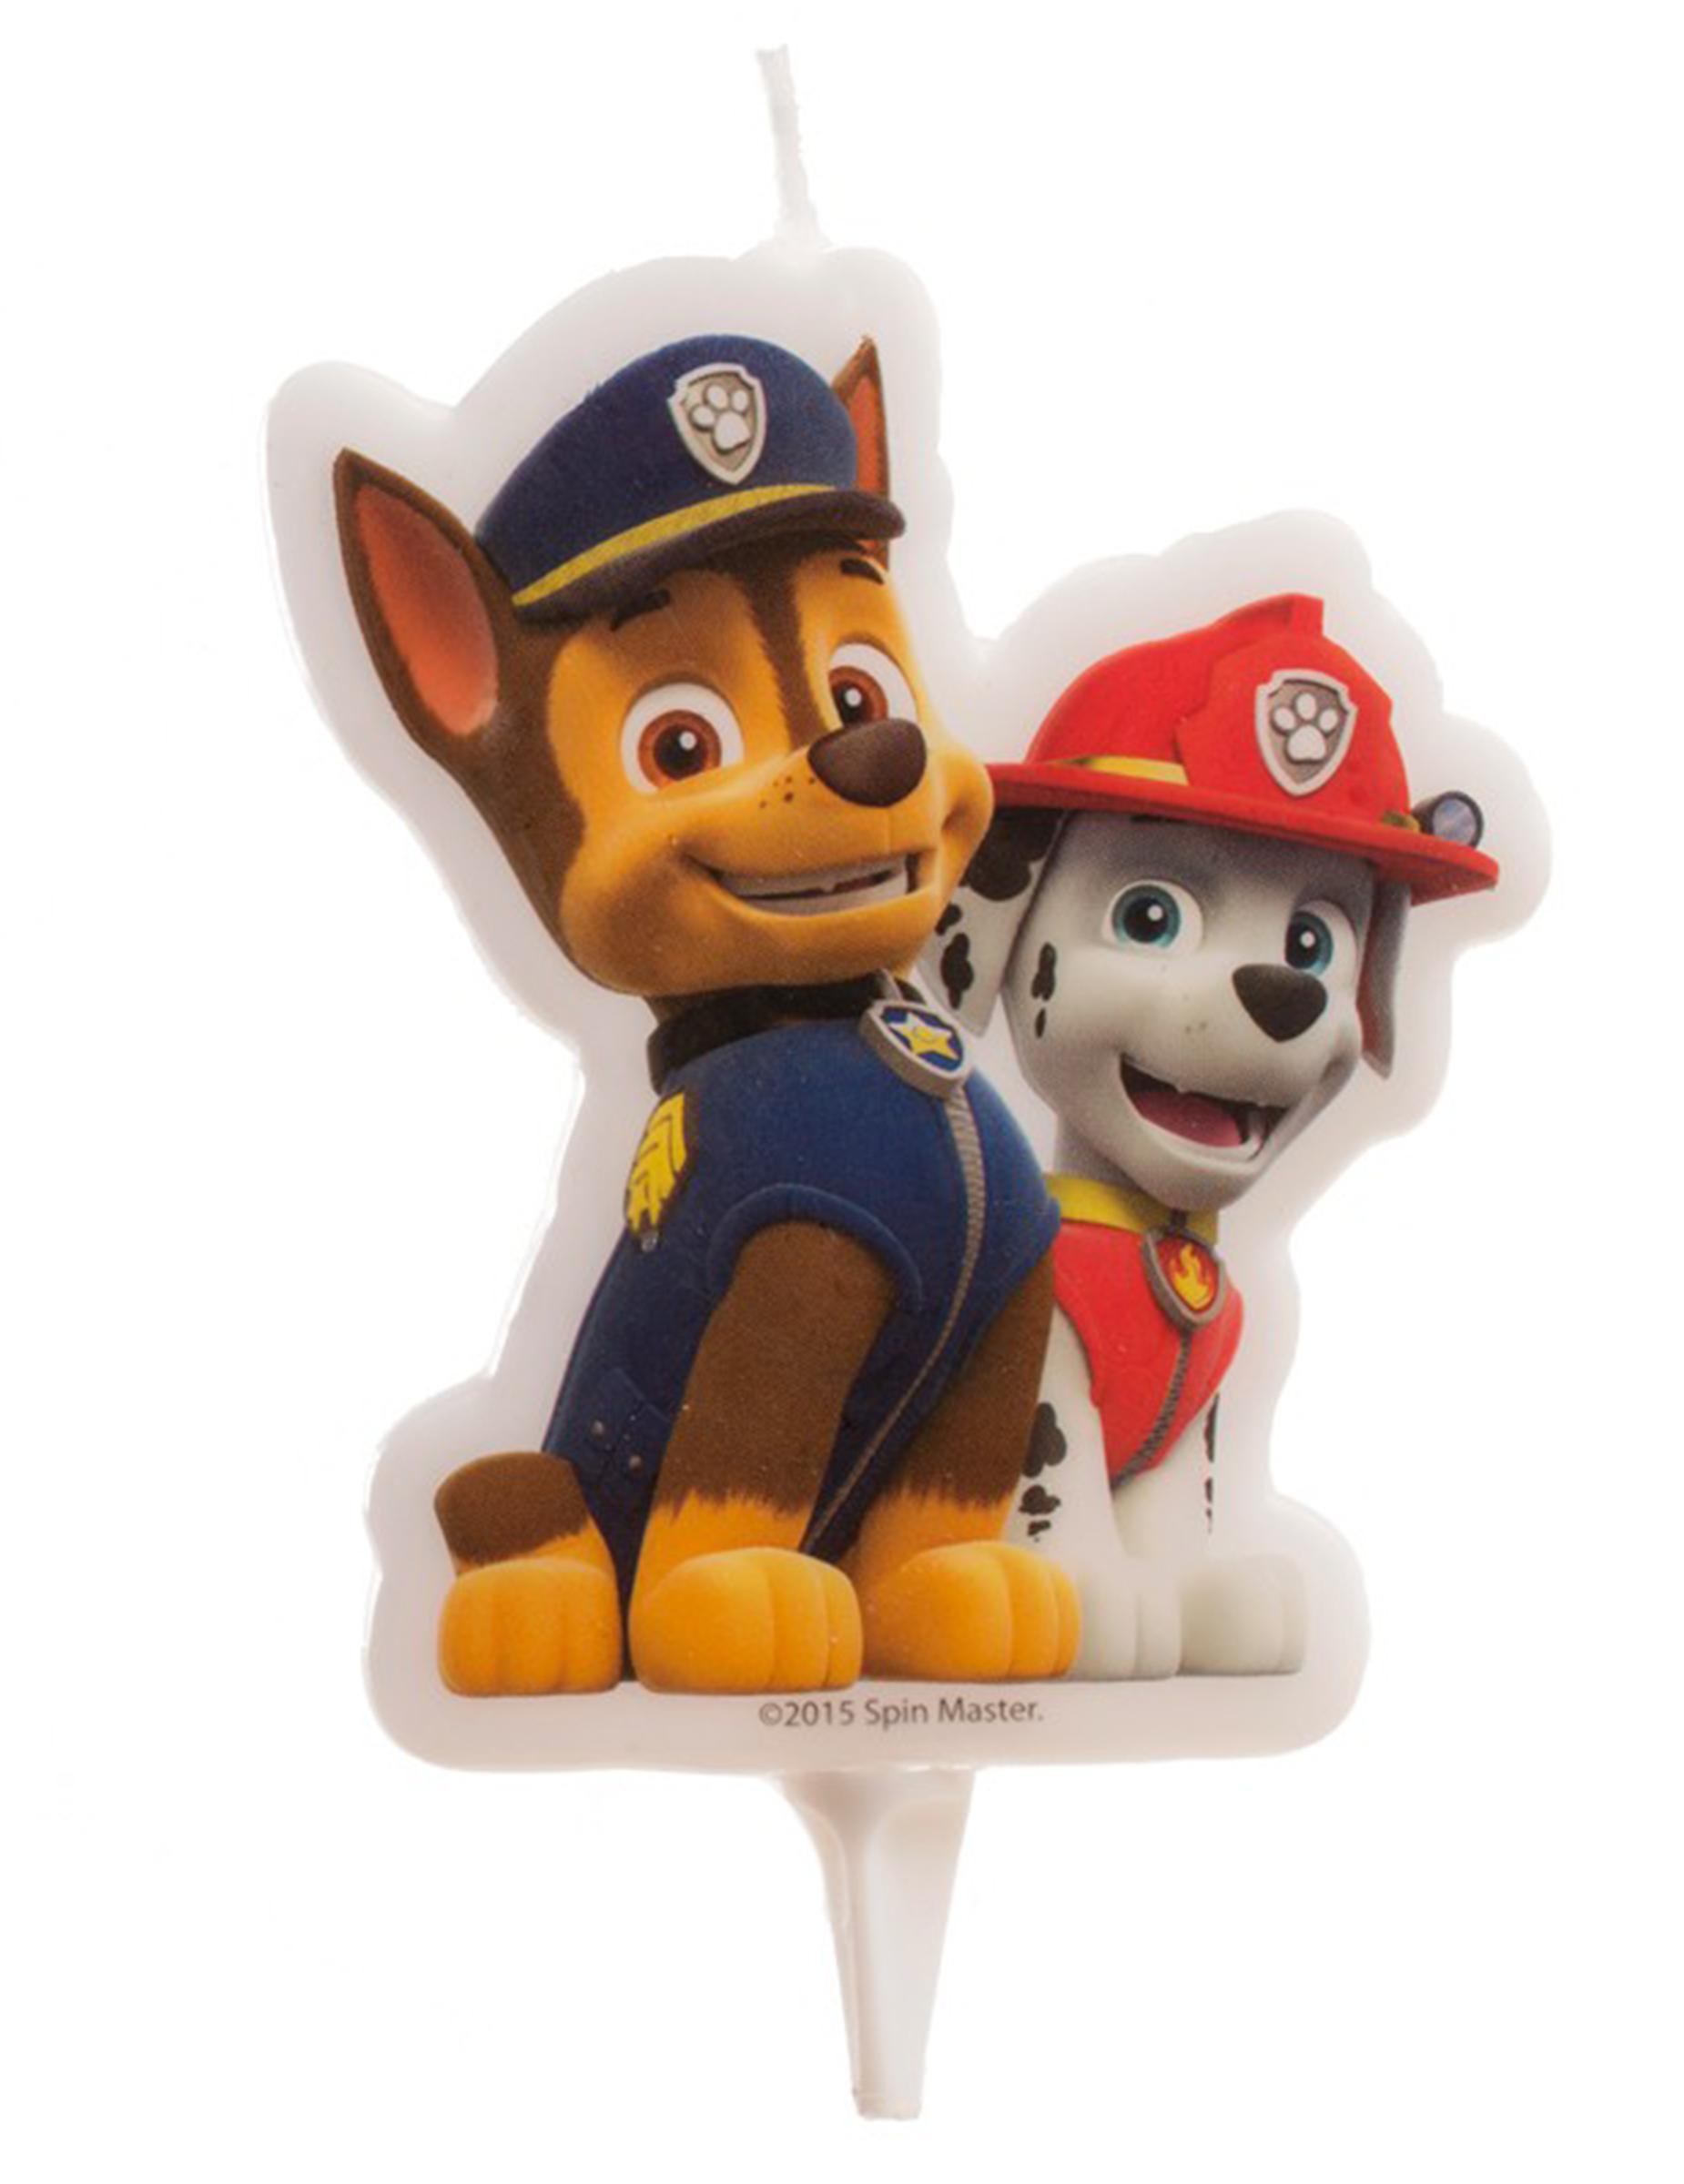 bougie pat 39 patrouille paw patrol achat de decoration animation sur vegaoopro grossiste en. Black Bedroom Furniture Sets. Home Design Ideas